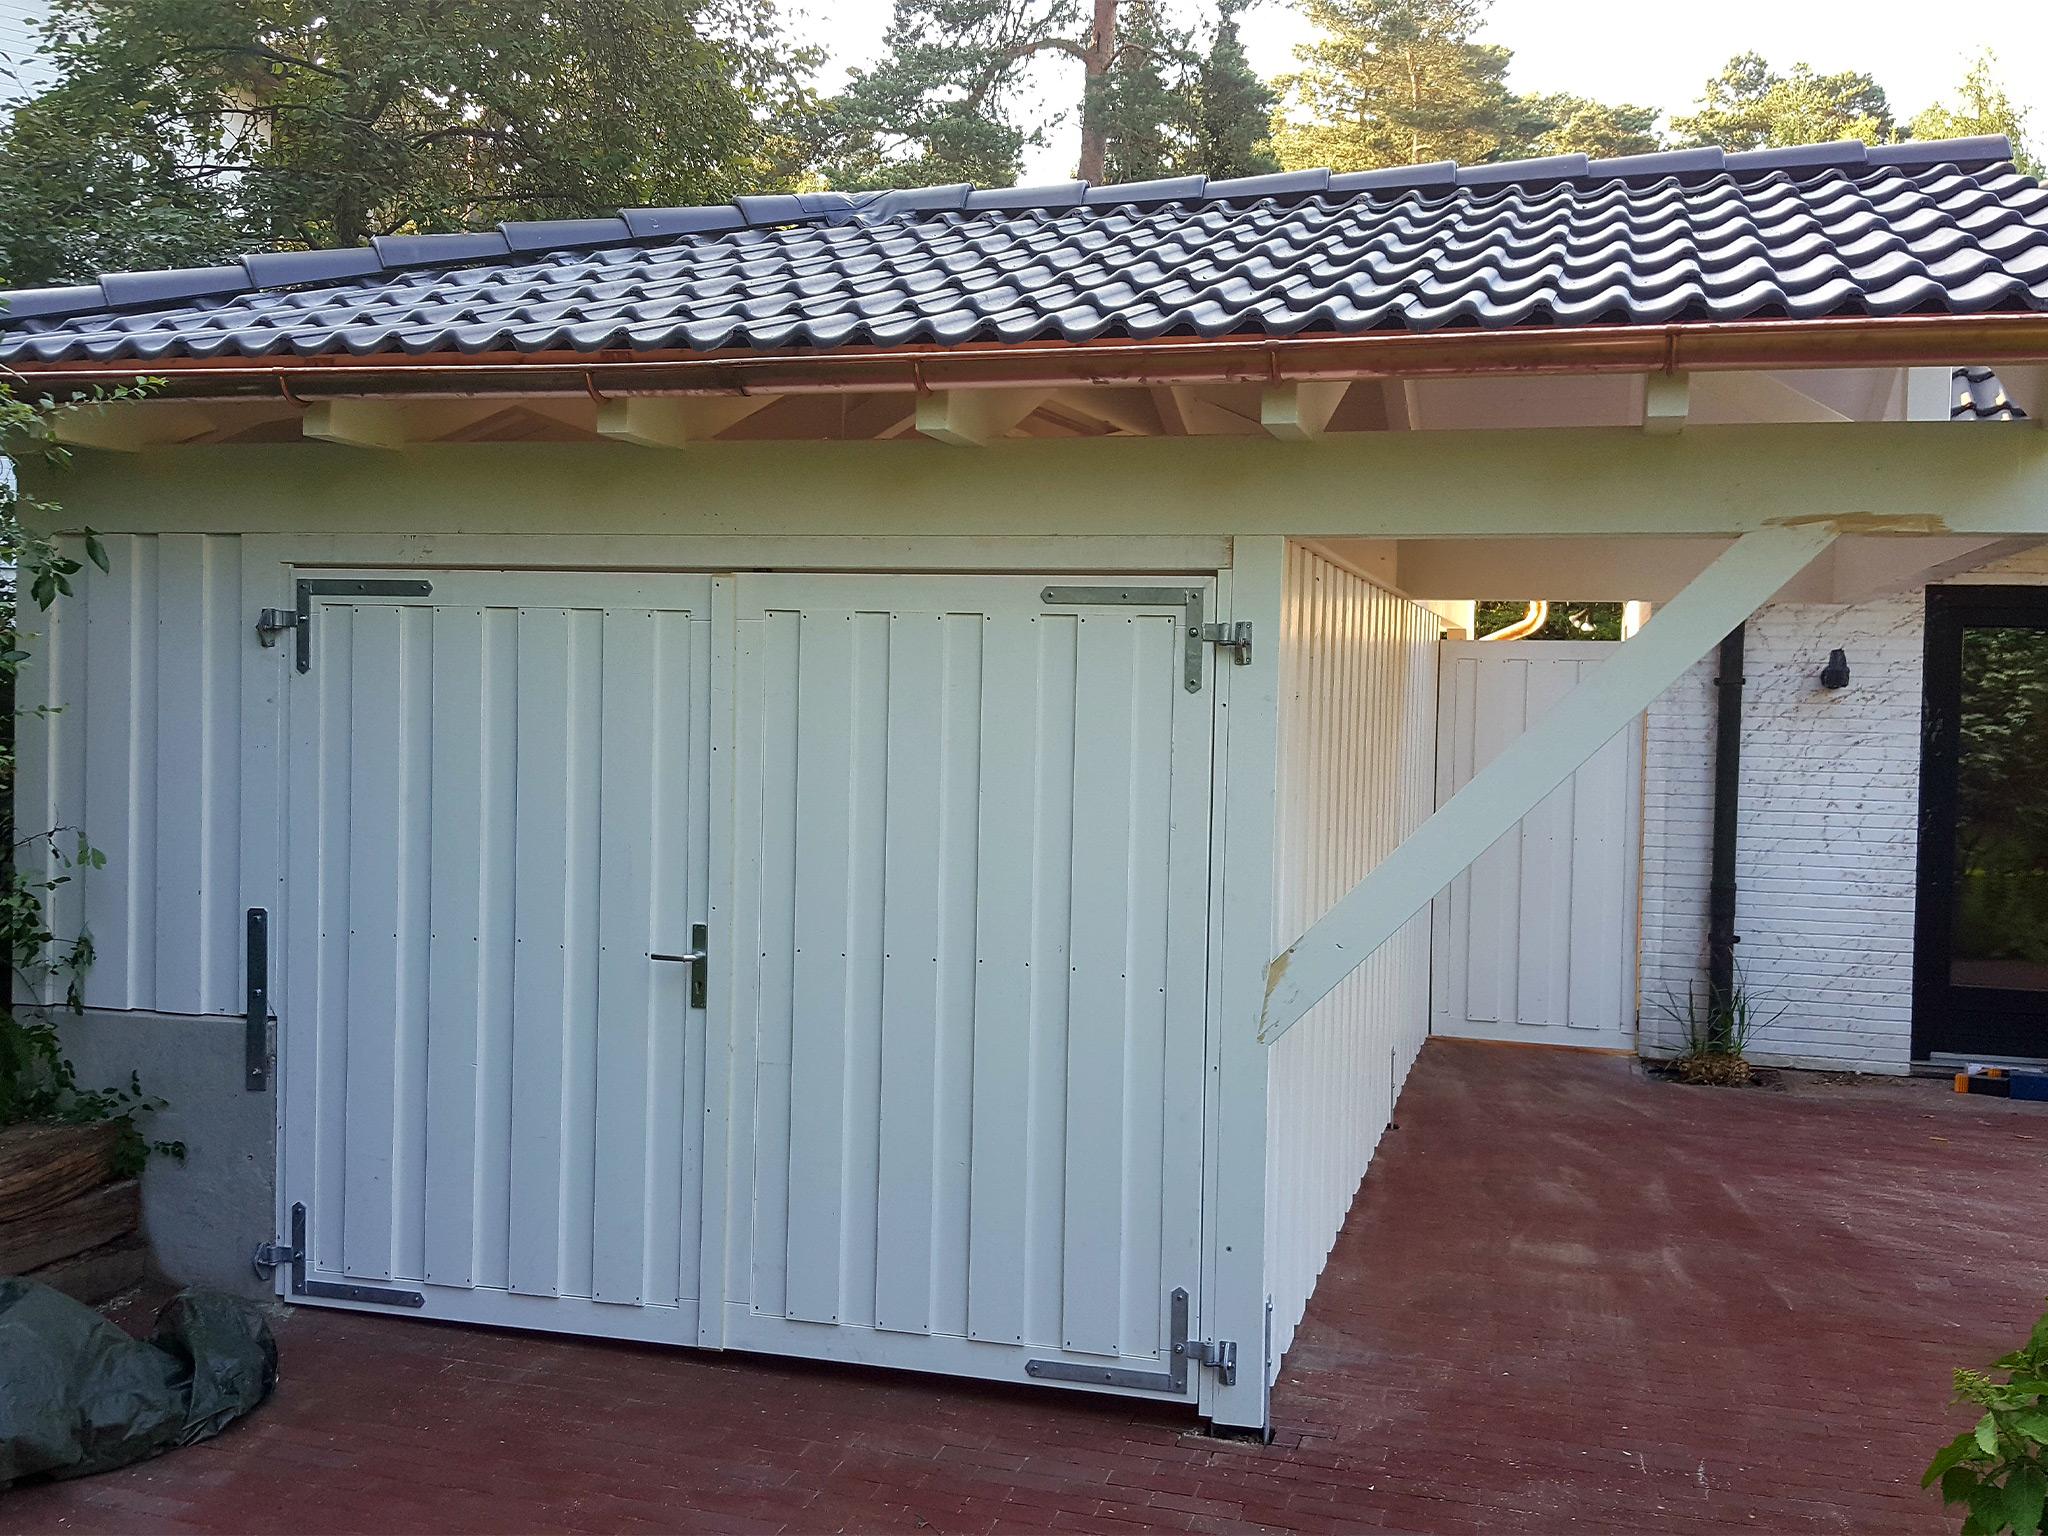 Geräteraum mit Satteldach